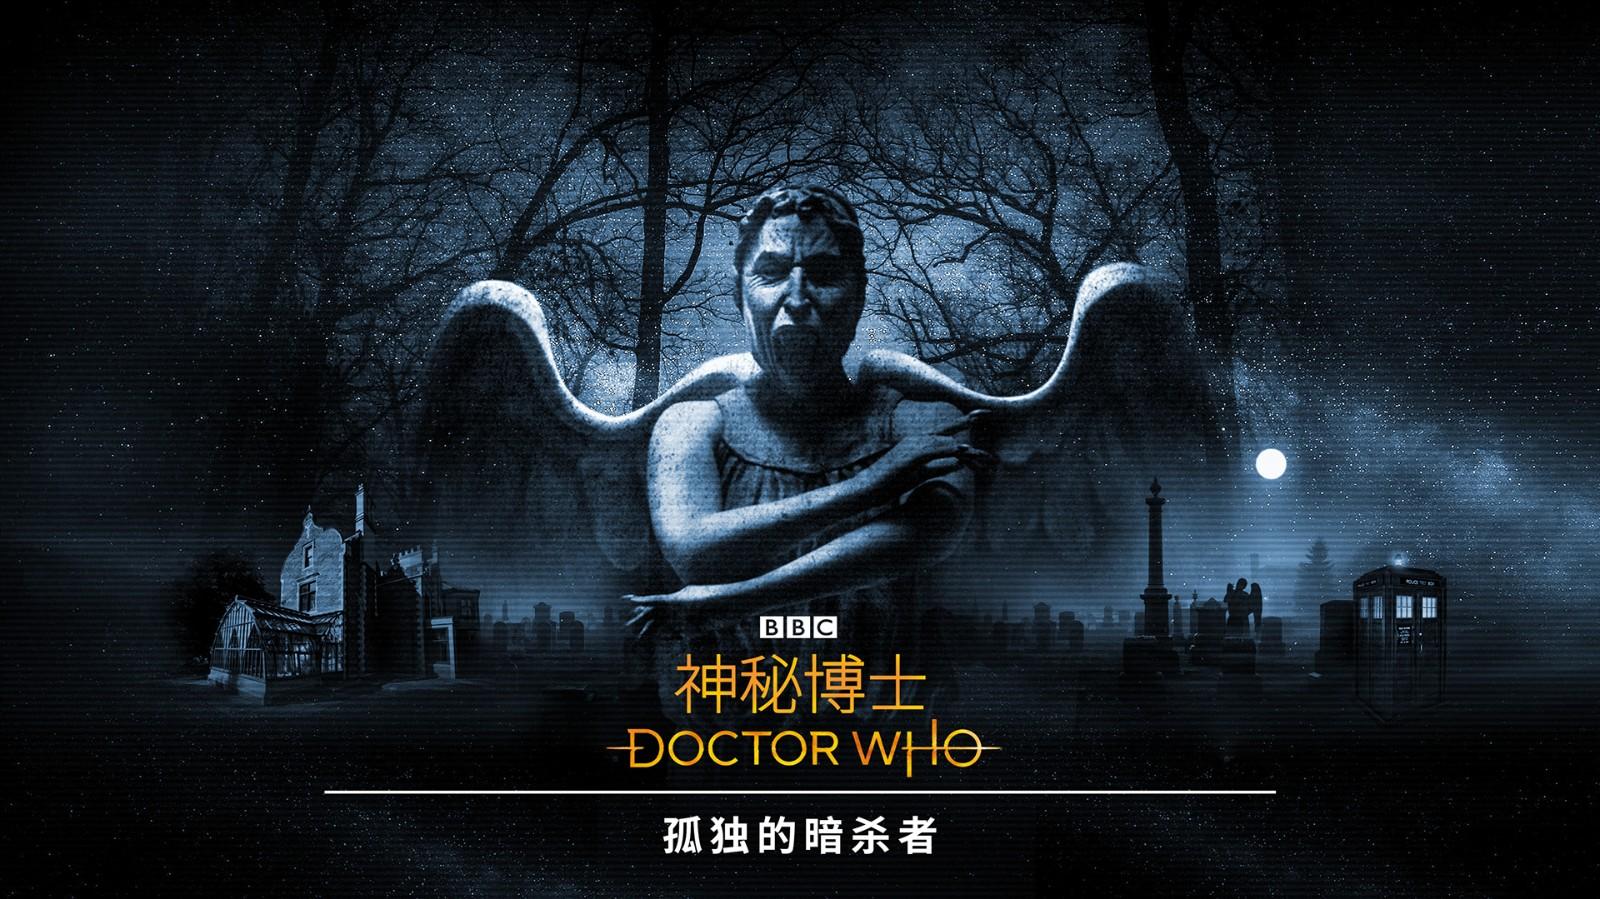 《神秘博士》推出衍生游戏《神秘博士:孤独的暗杀者》 3月20日发售